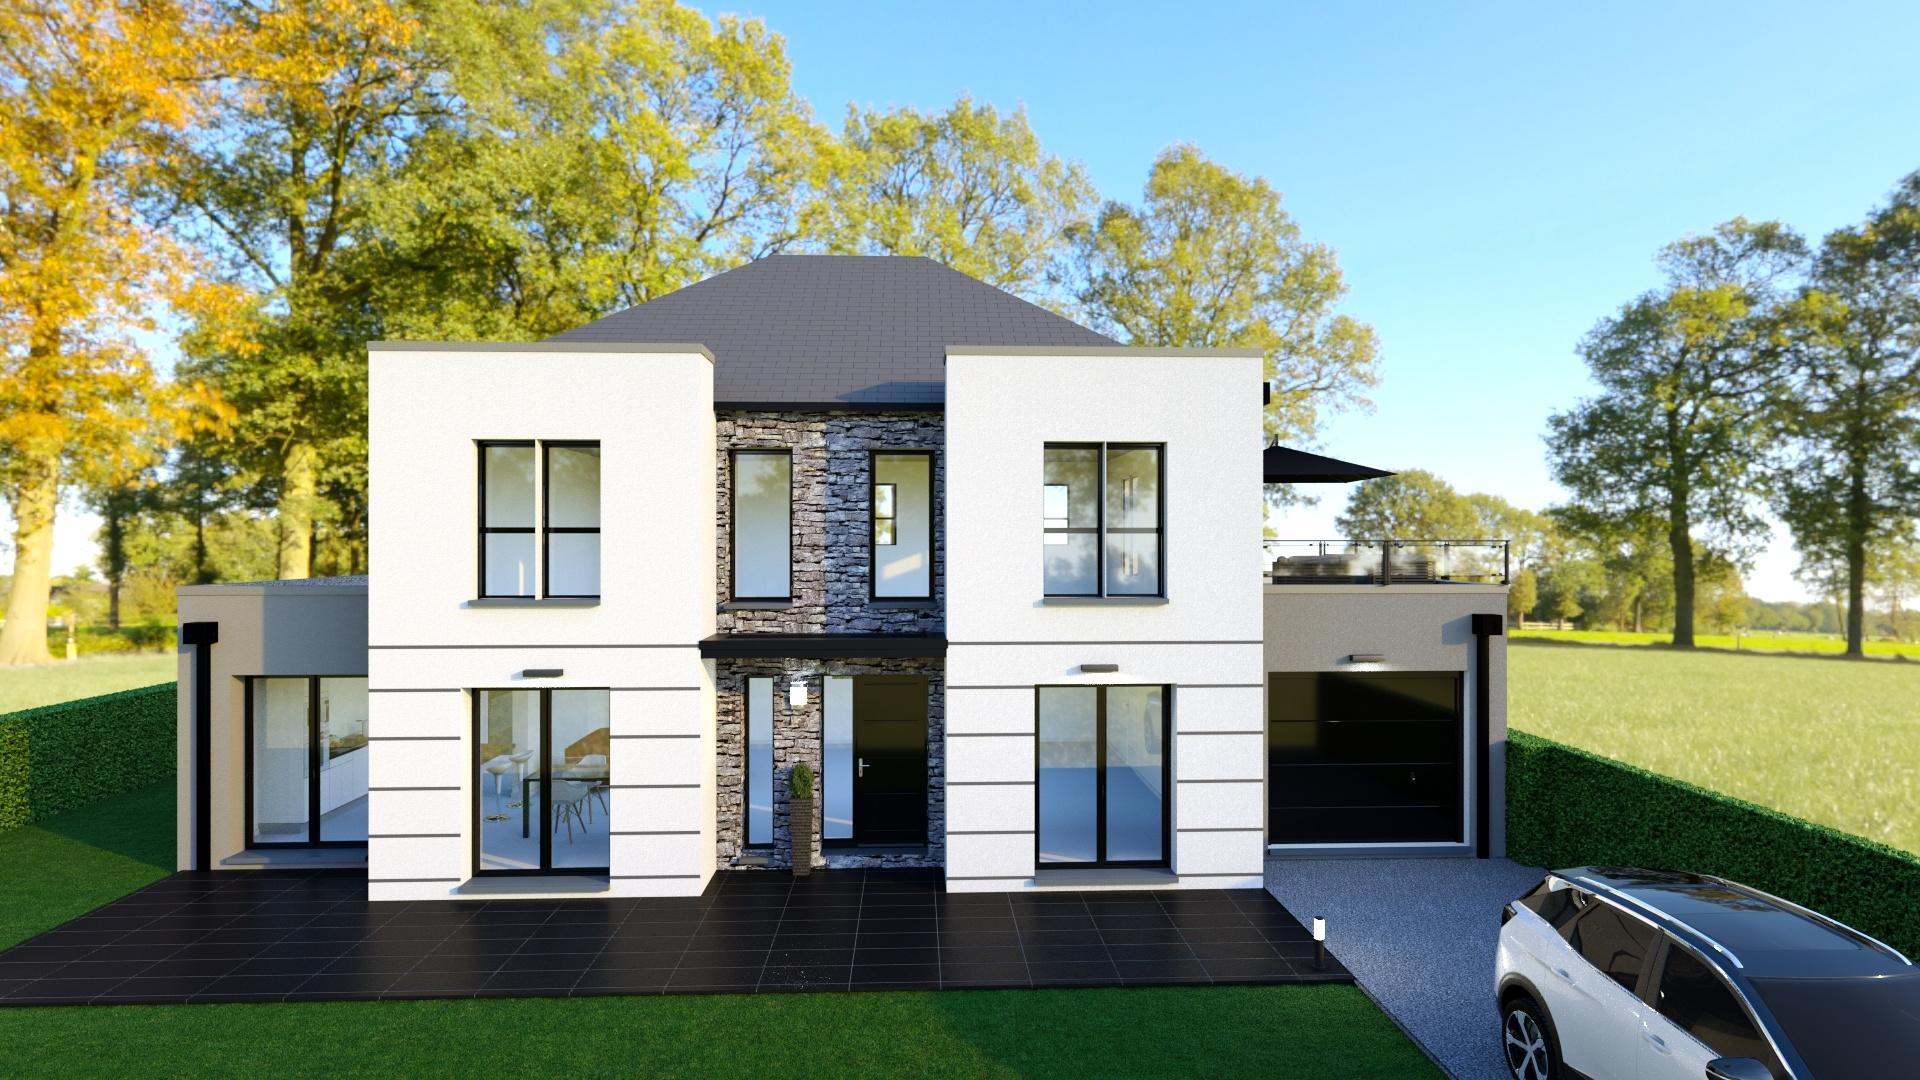 Terrains du constructeur Les maisons Lelievre • 340 m² • CORMEILLES EN PARISIS